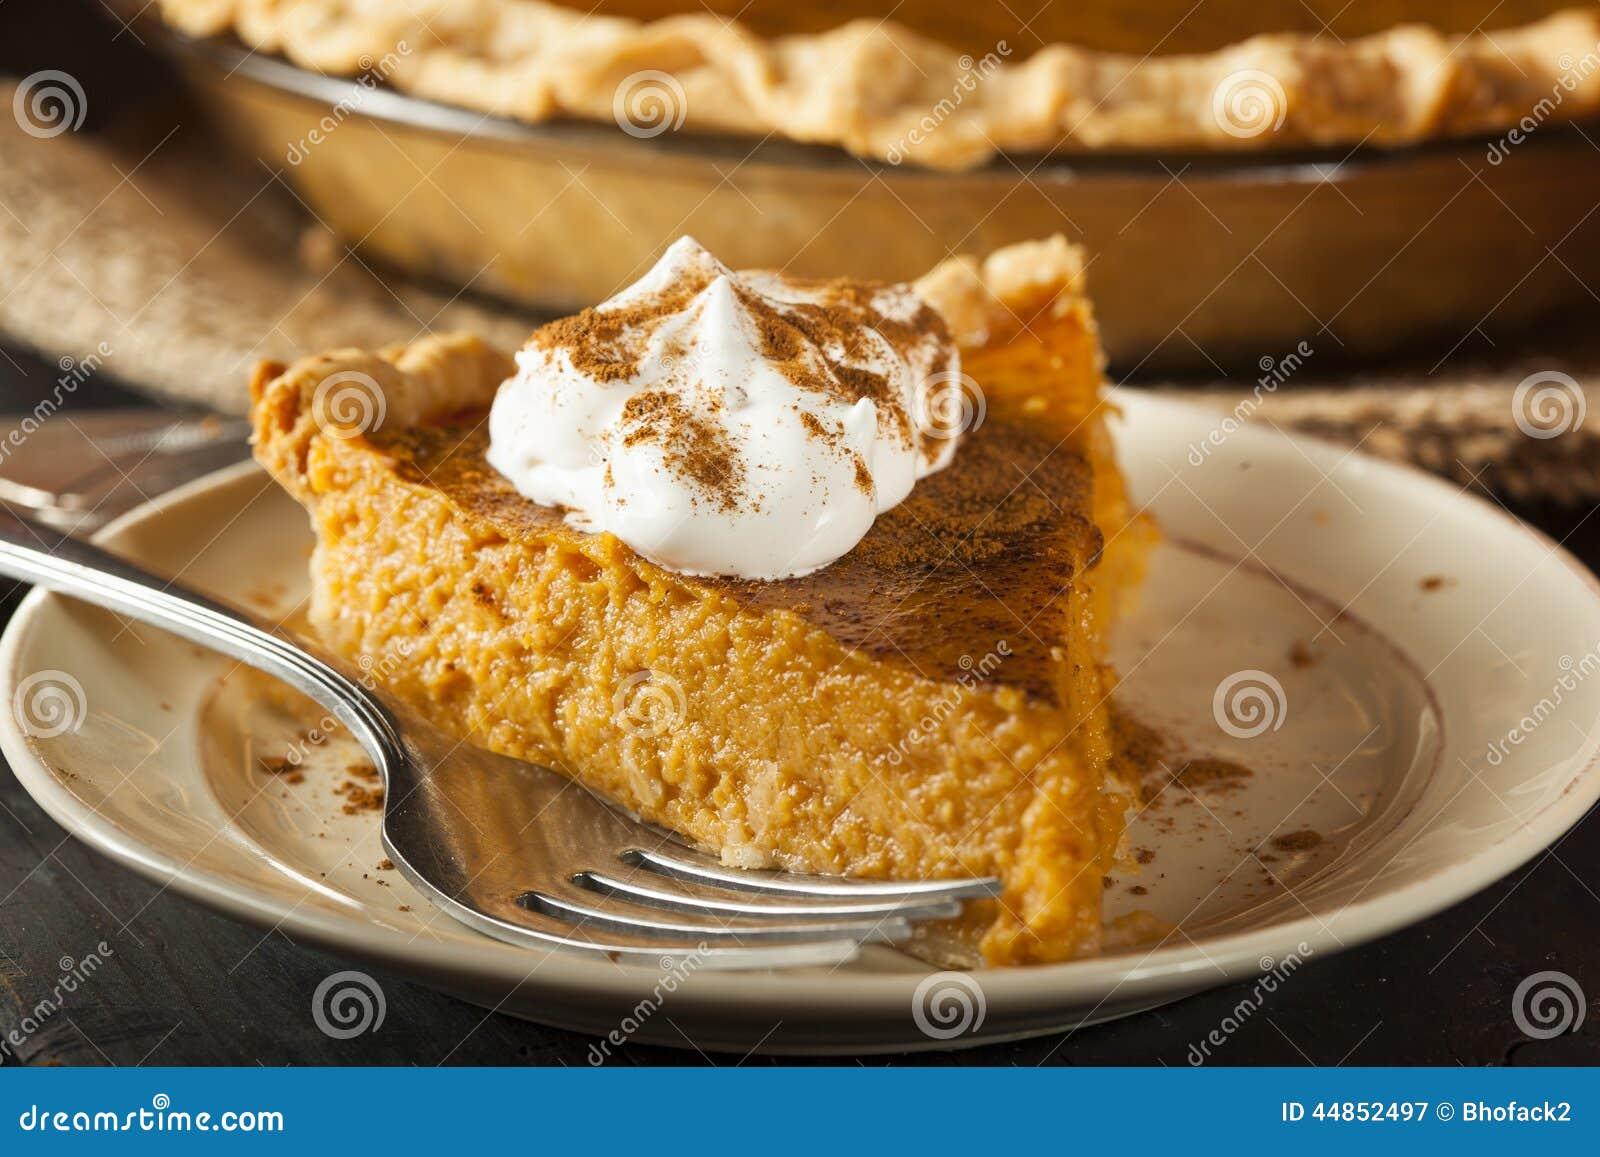 Pastel de calabaza hecho en casa para Thanksigiving